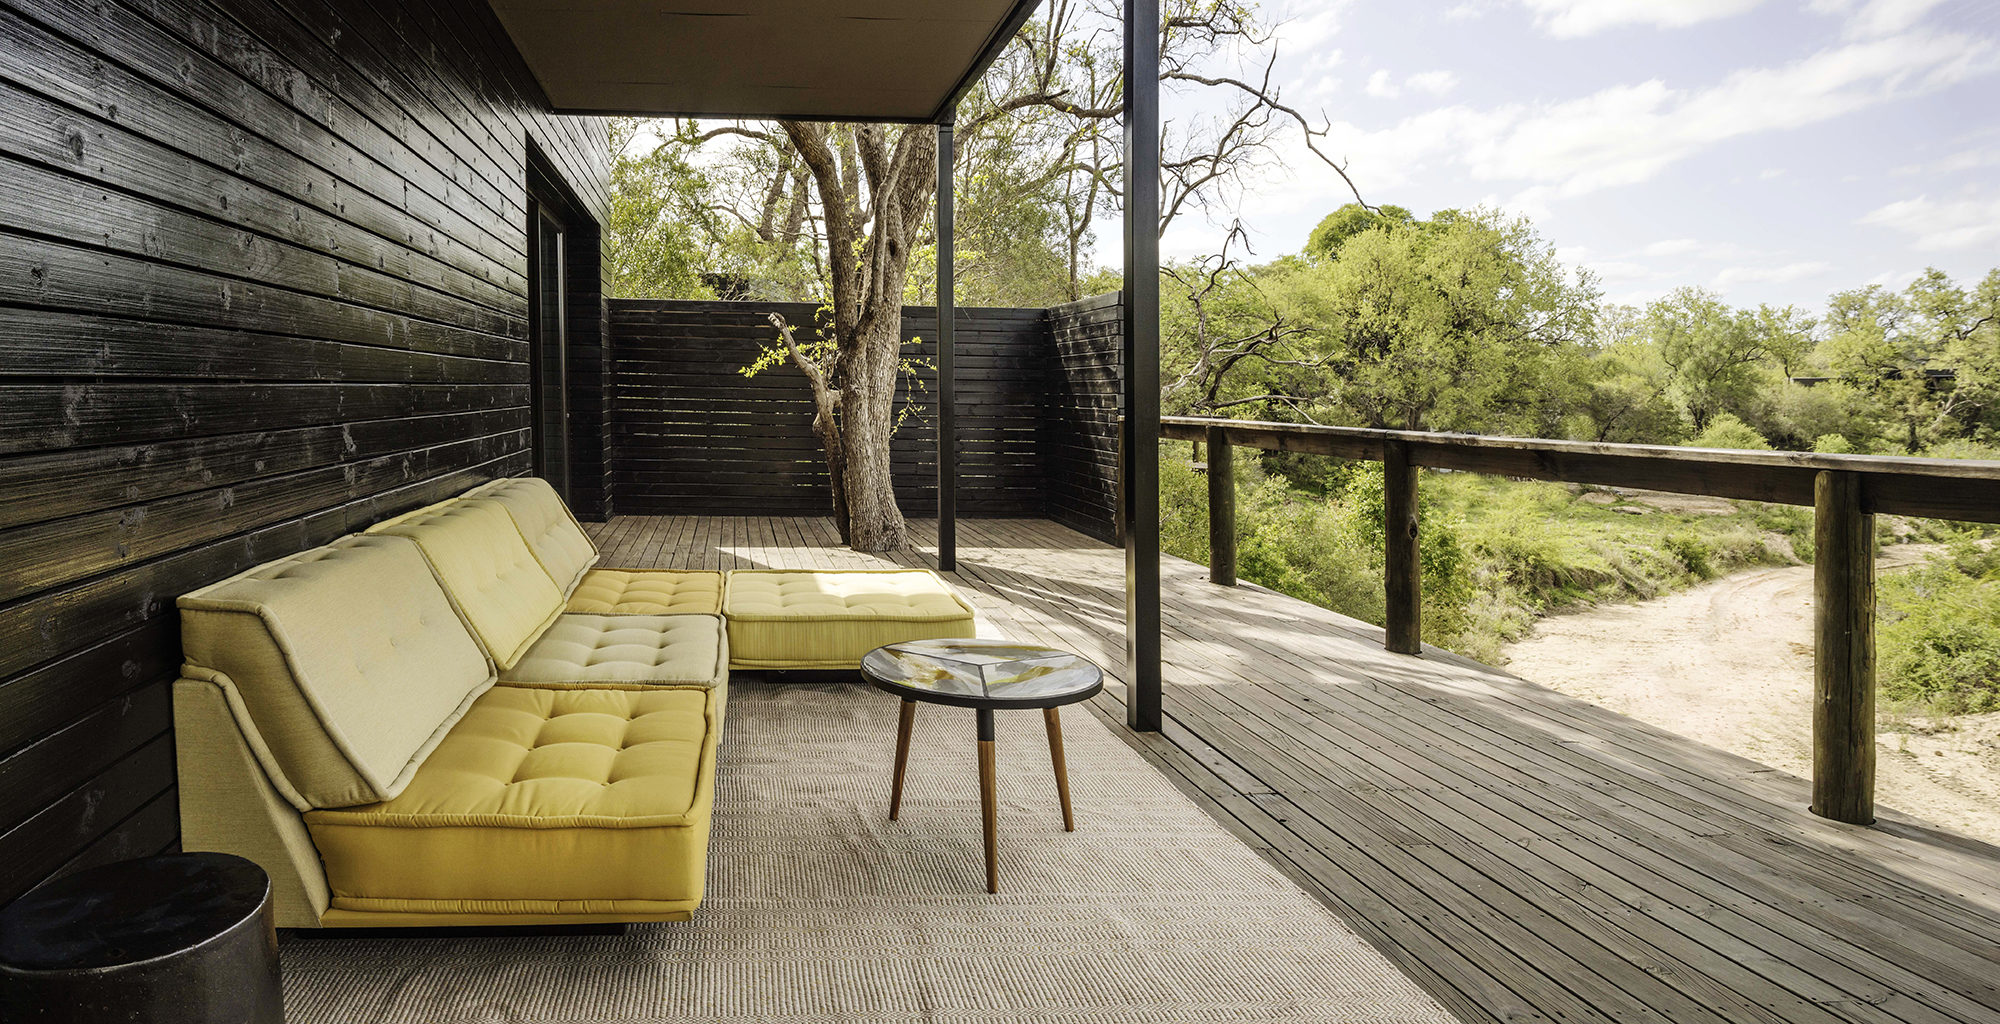 South-Africa-Silvan-Safari-Deck